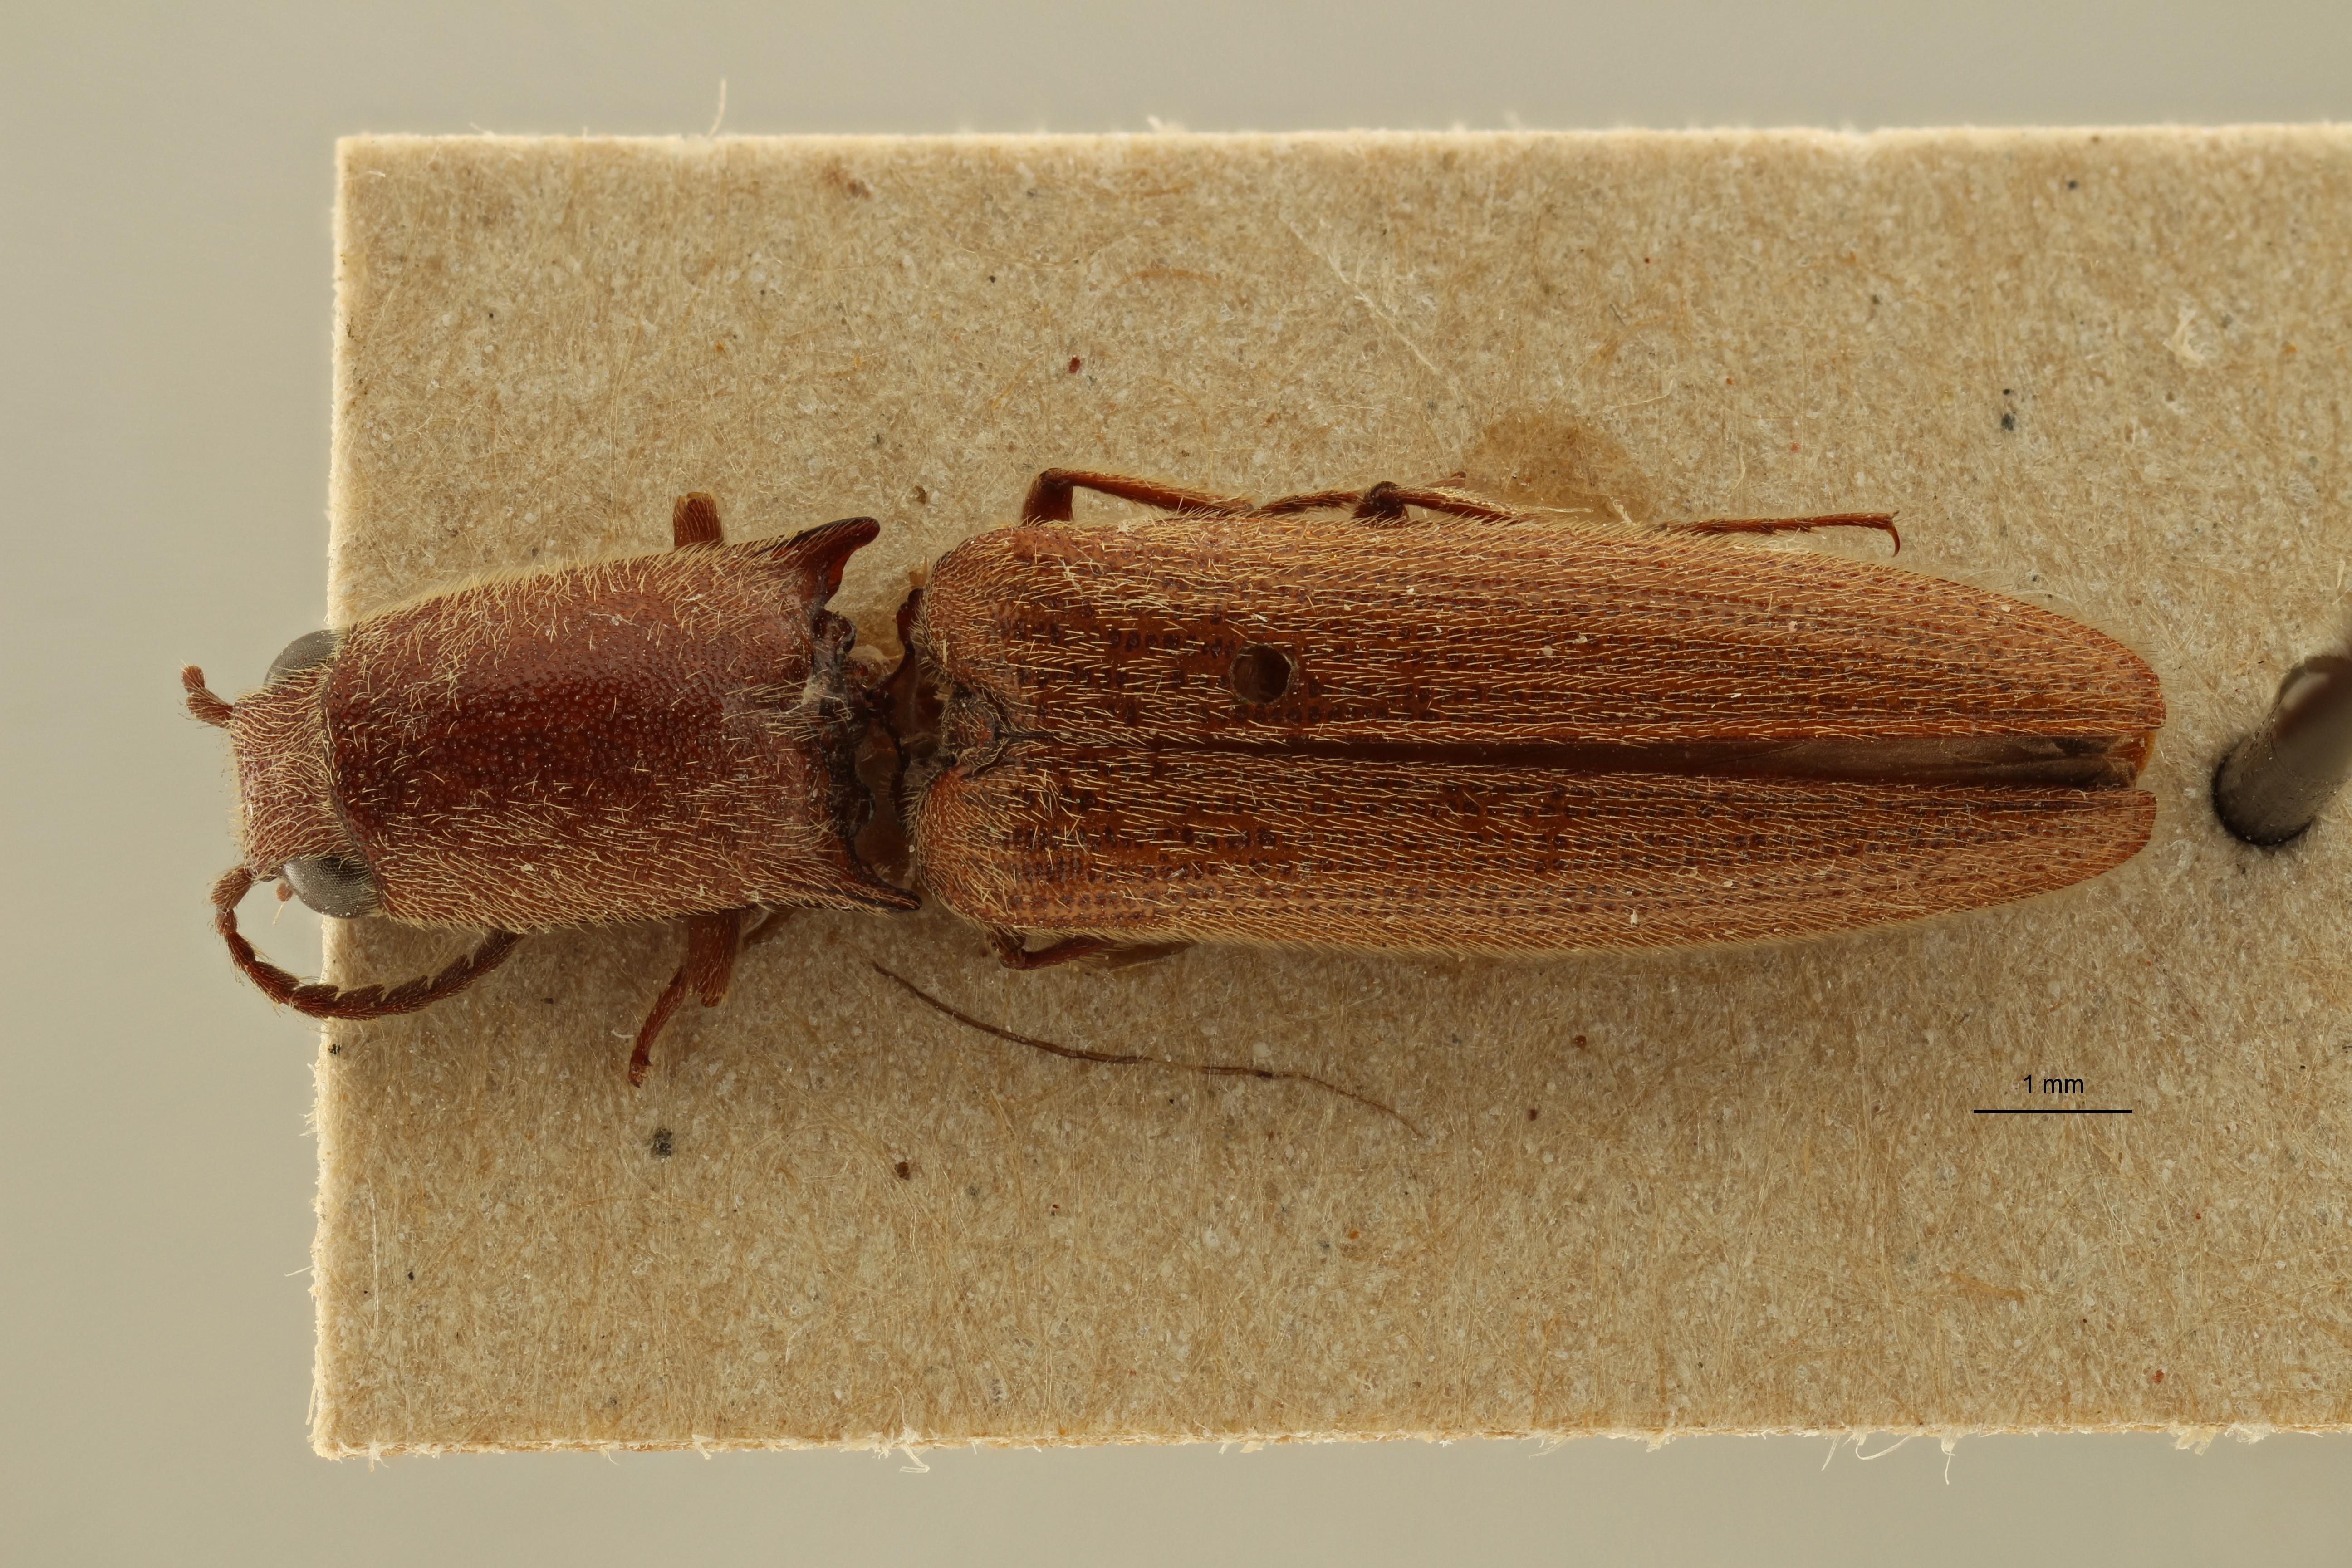 Preusselater gracilis t D ZS PMax Scaled.jpeg